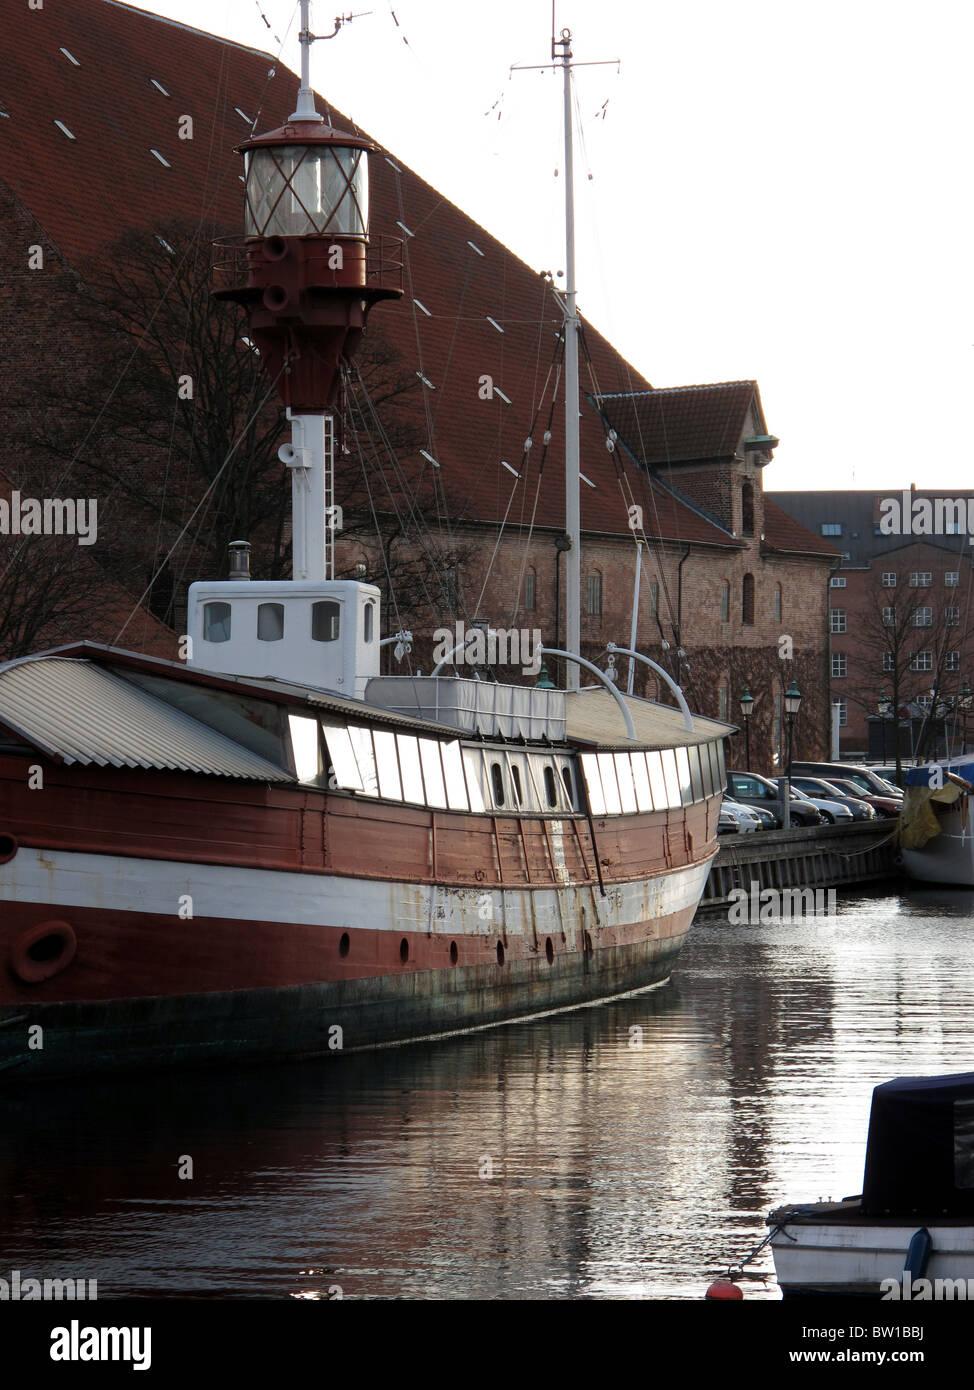 Boat along the frederiksholms canal - Copenhagen - Denmark - Stock Image